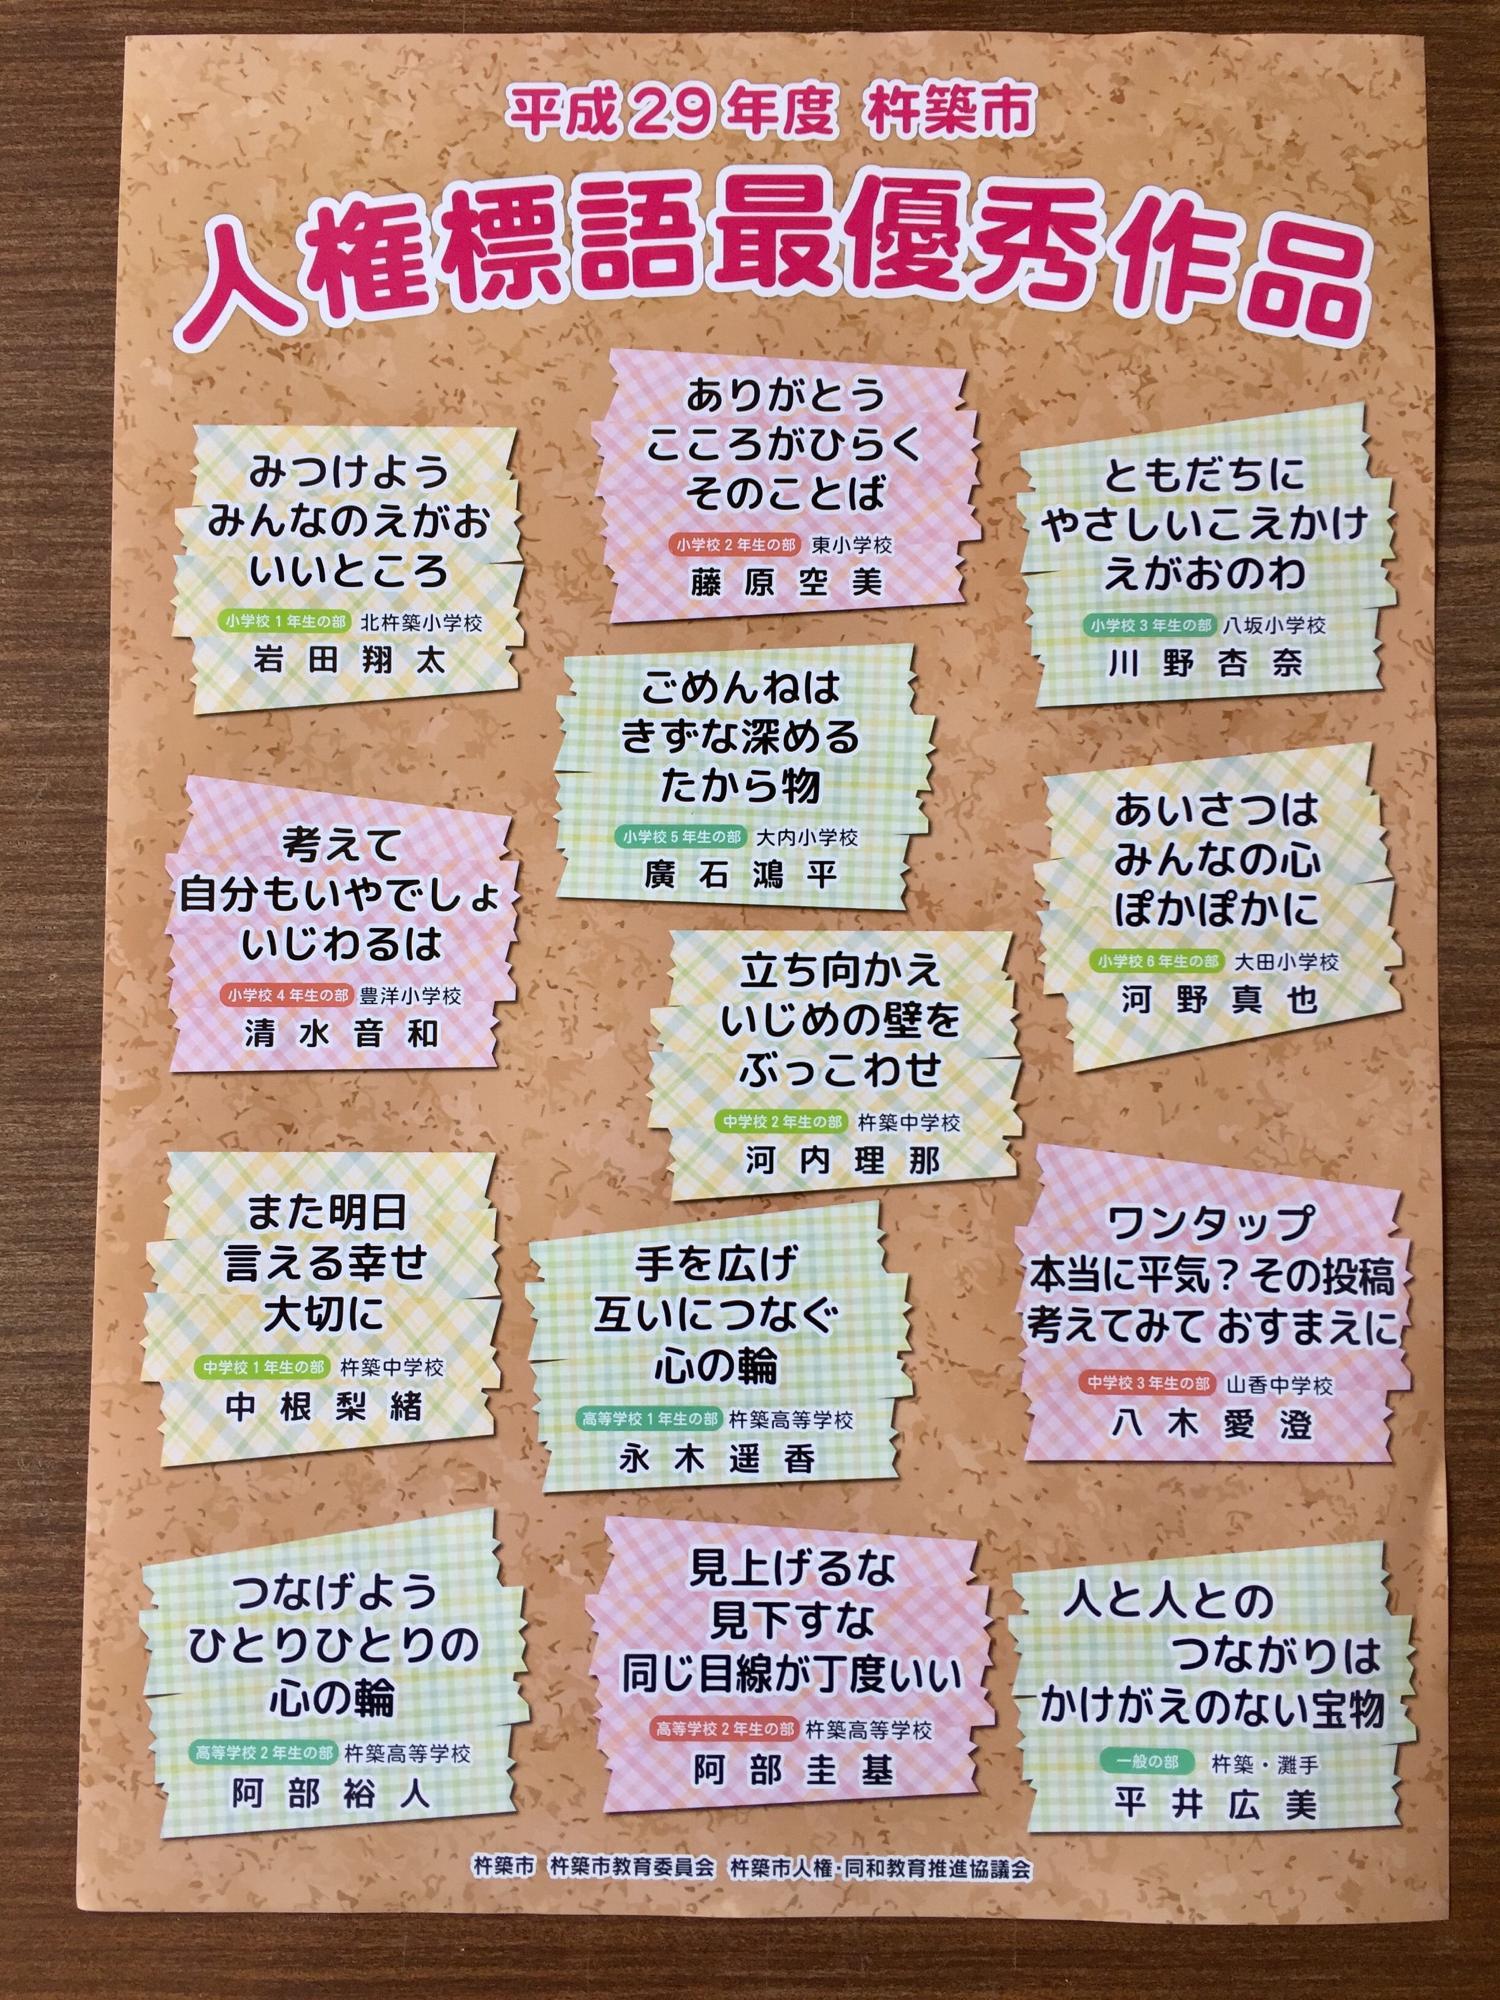 ポスター 言葉 人権 宇陀市/2018(平成30)年度人権啓発ポスター・標語